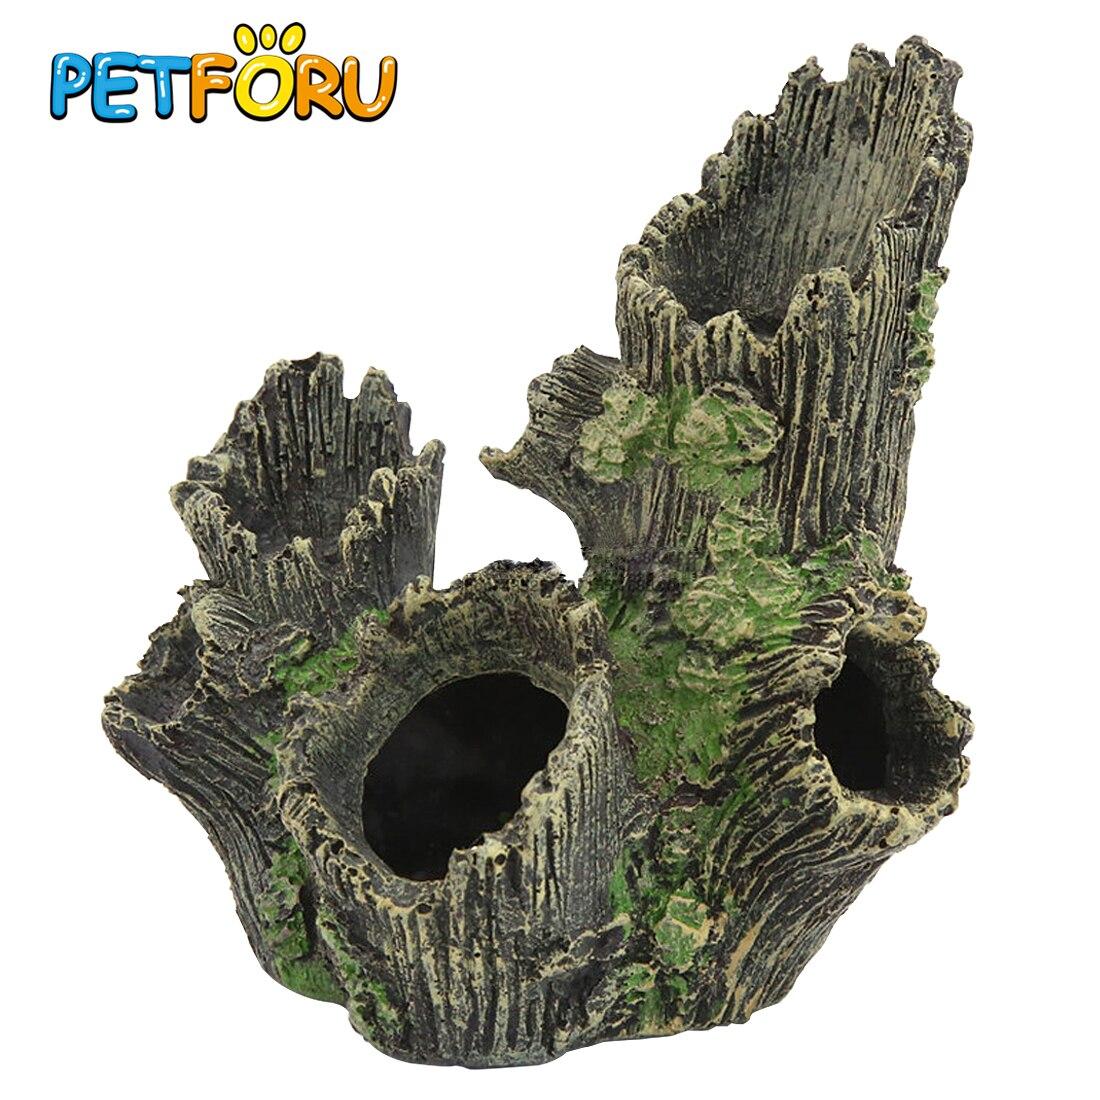 Petforu 17*12*19CM Resin Hollow Simulation Tree Hole Hiding Cave Aquarium Reptile Habitat Landscaping Decor